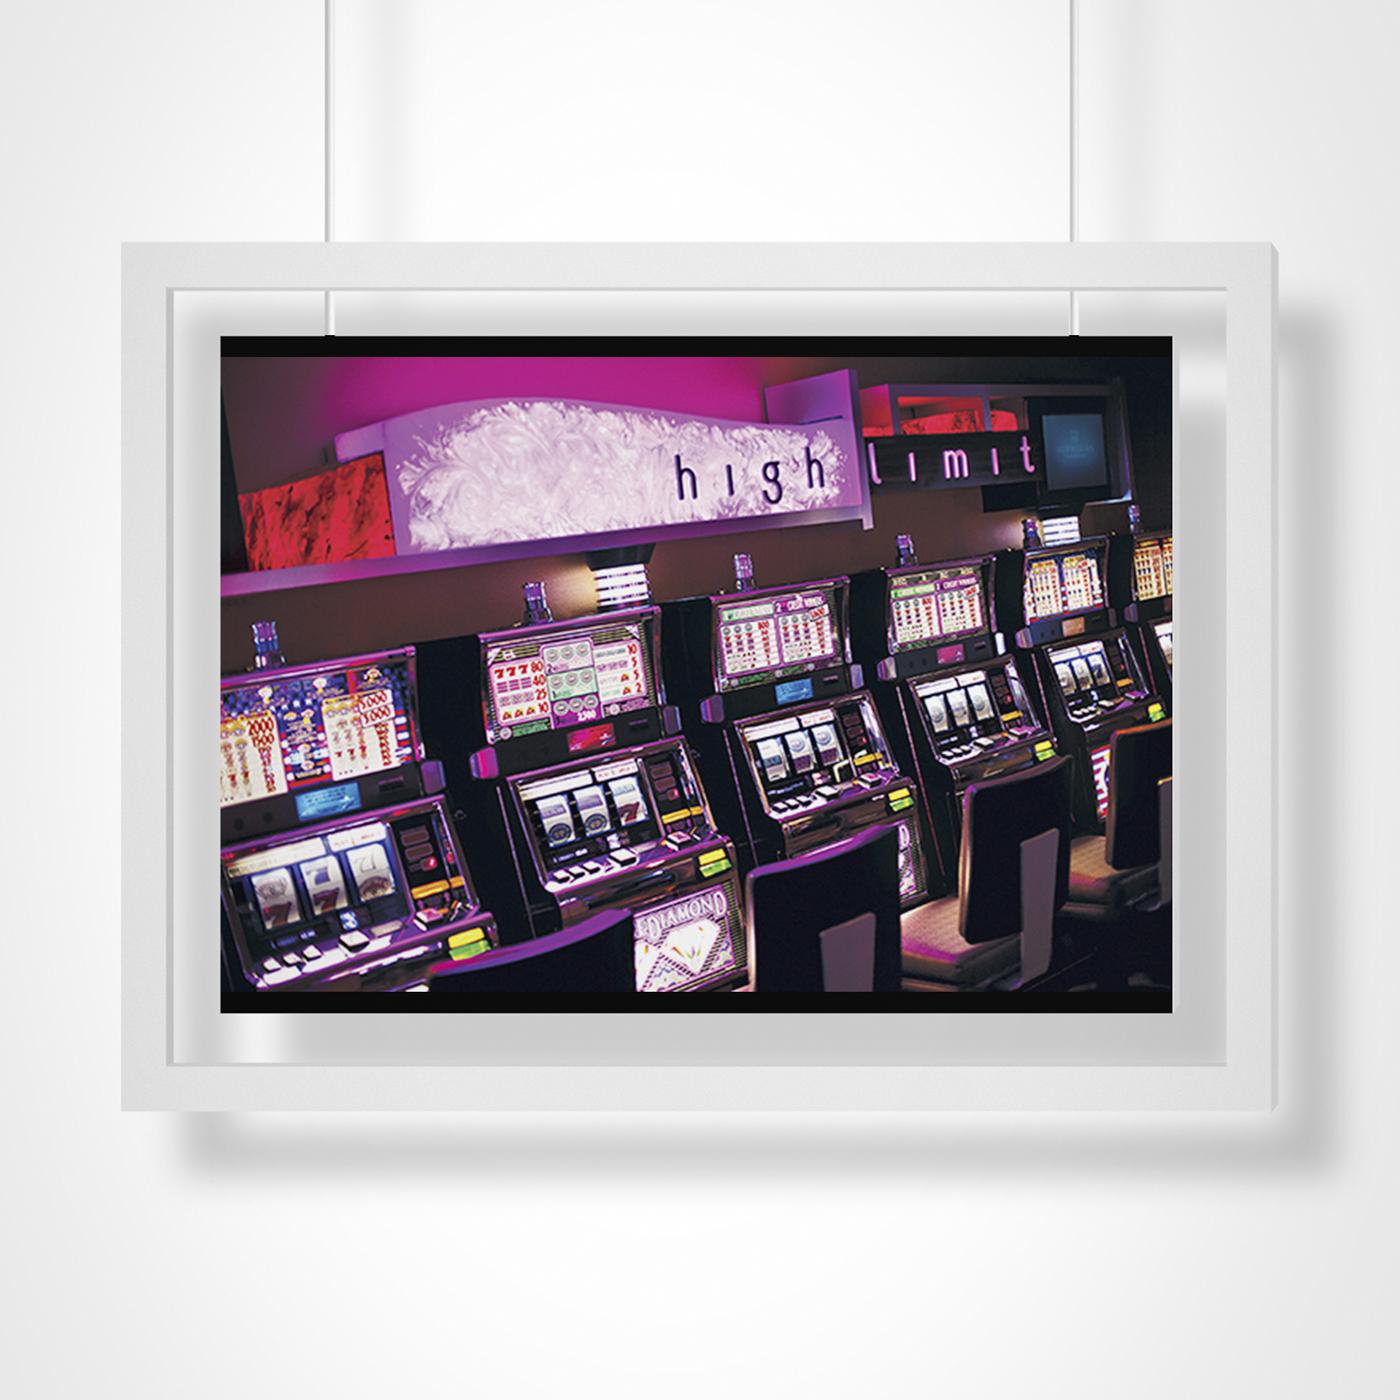 lighting network casino led